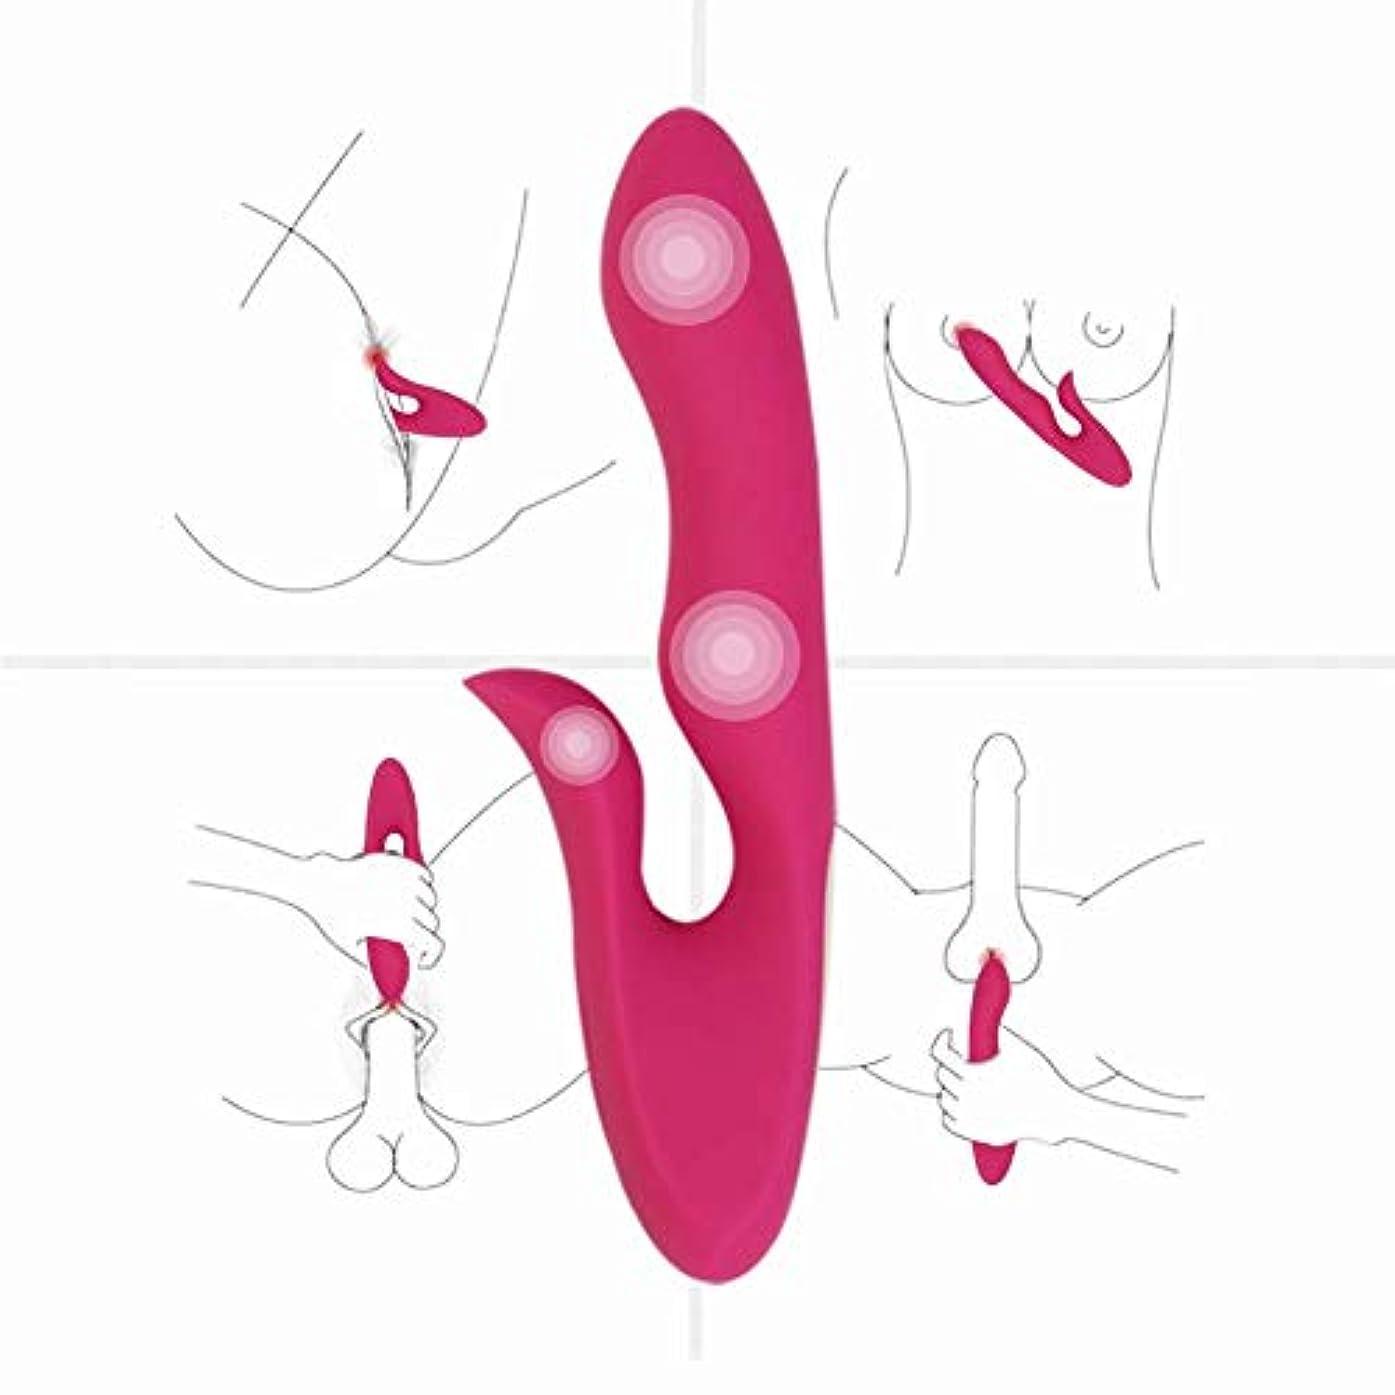 壮大な行き当たりばったり文字セックス指バイブレーターセックストイズのために女性3モーター 8 + 6 モードウサギ G スポットバイブレーター陰核膣大人トイズディルド Masturbator